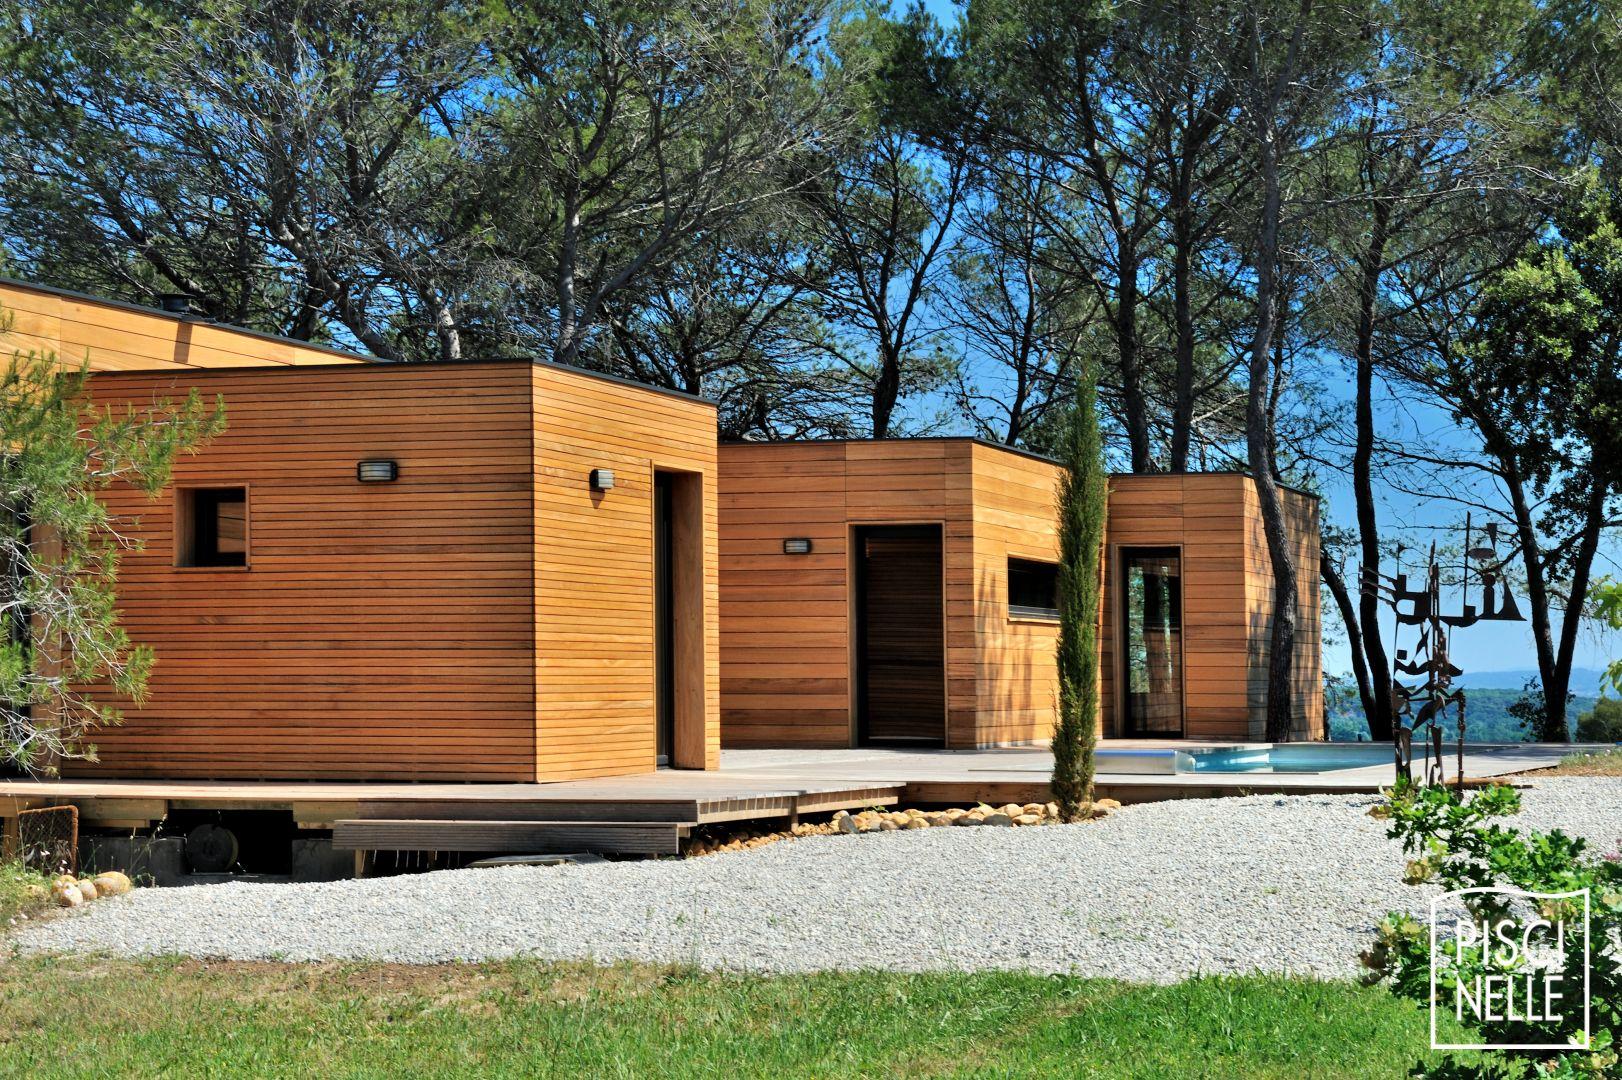 Maison en bois gard maison moderne for Maison moderne gard